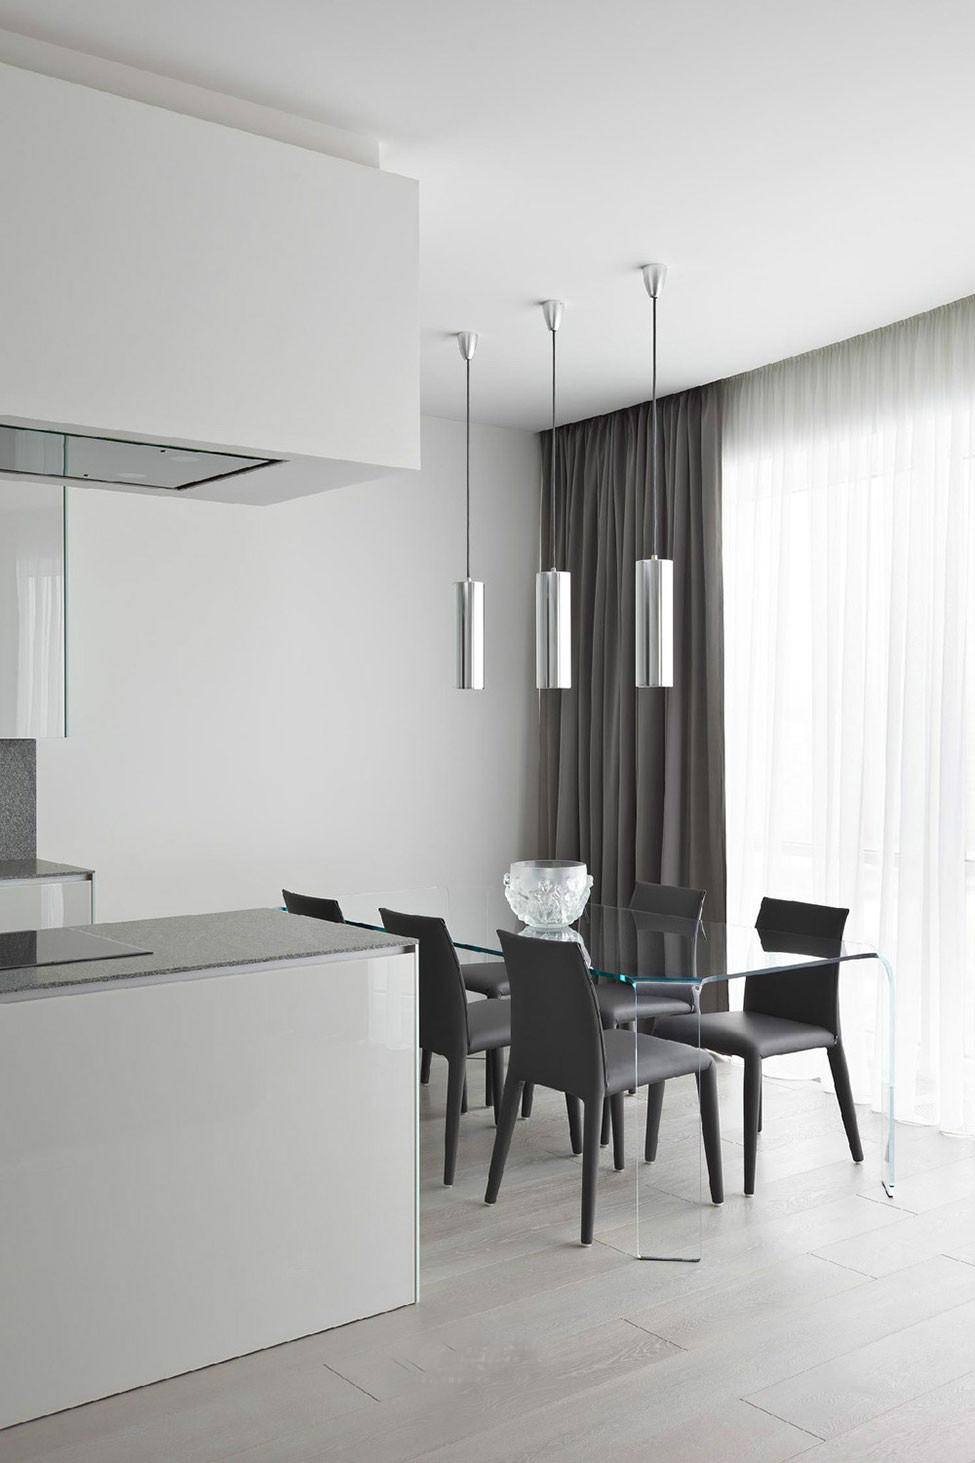 首页 装修效果图 白色的漆皮橱柜.柜台.冰箱.搭配灰色的地毯.